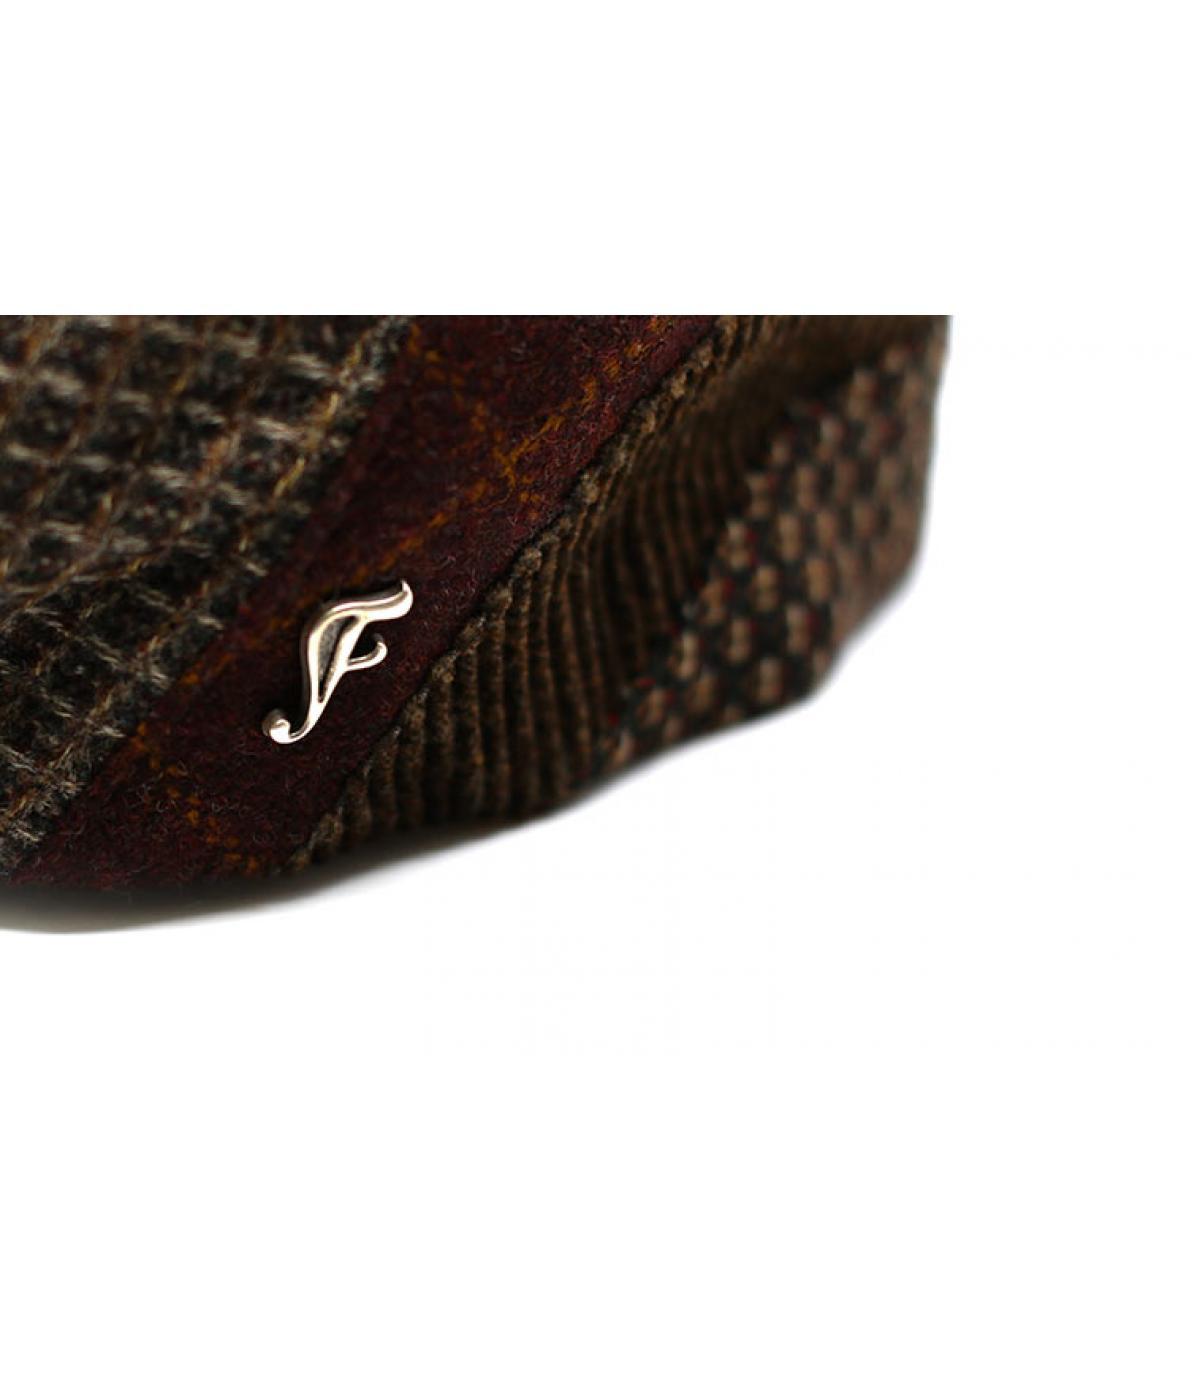 Details Erland braun - Abbildung 3